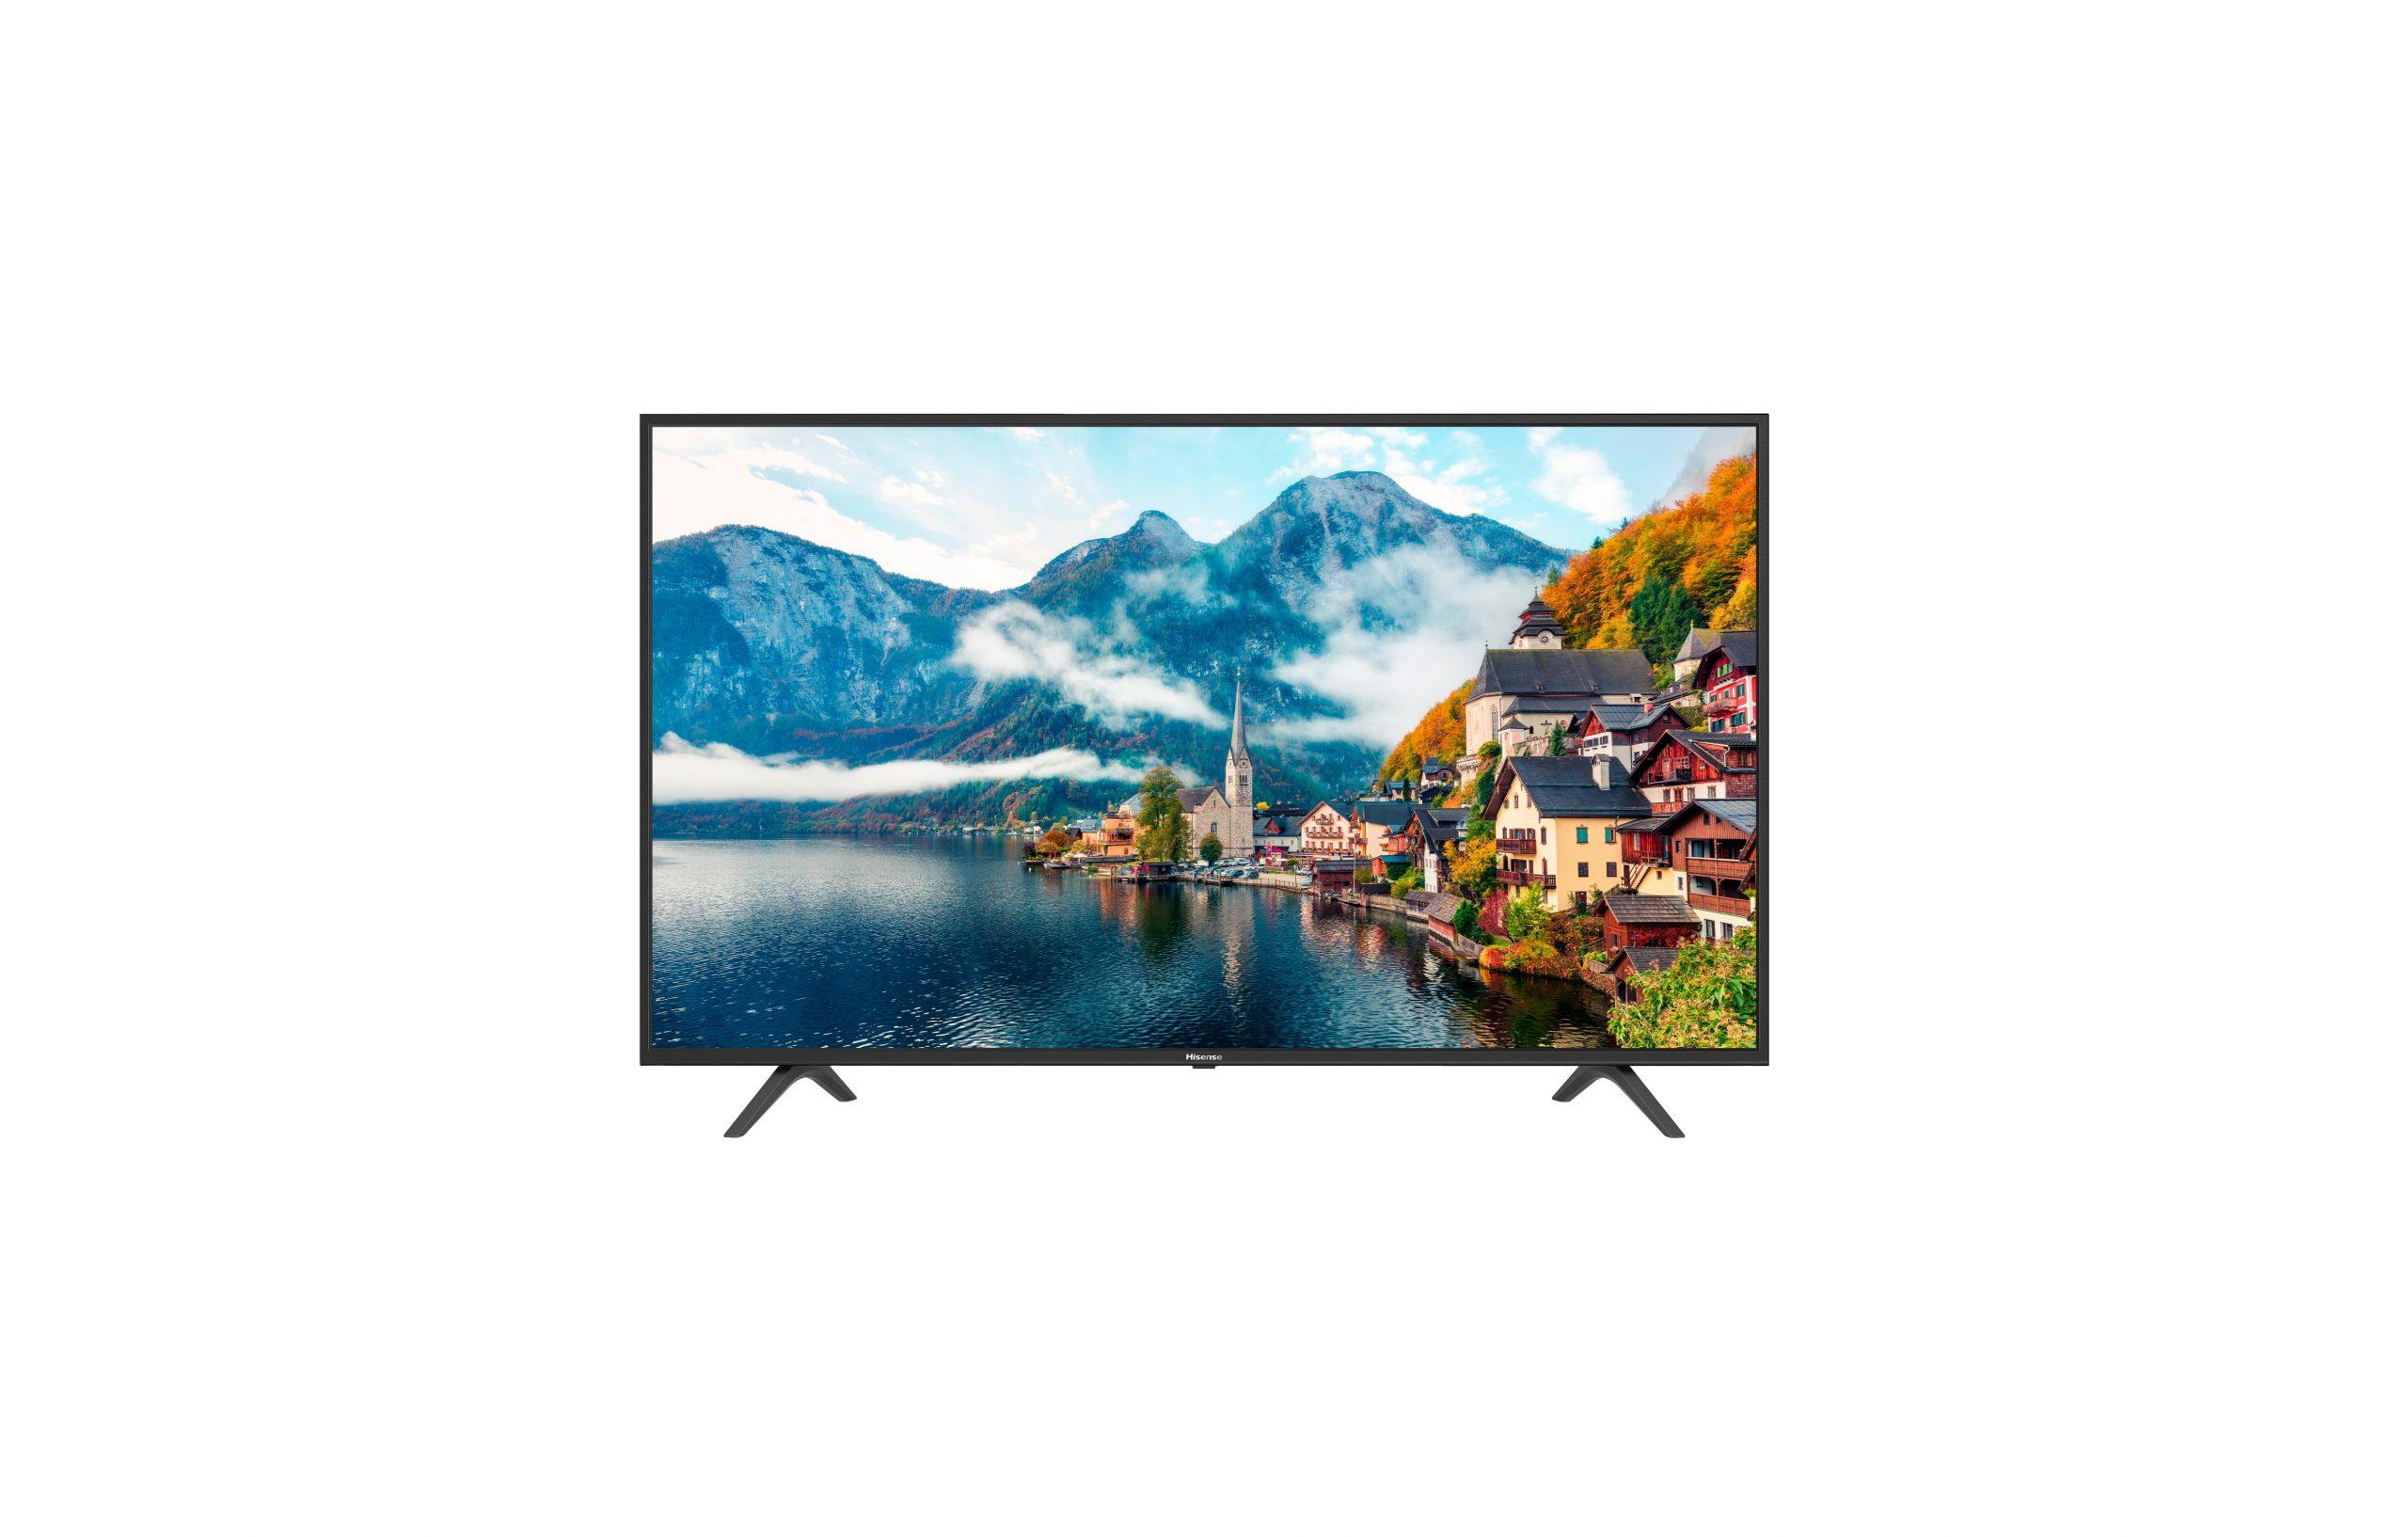 HISENSEH55B7100, 139.7 cm (55″), 3840 x 2160 pixels, LED